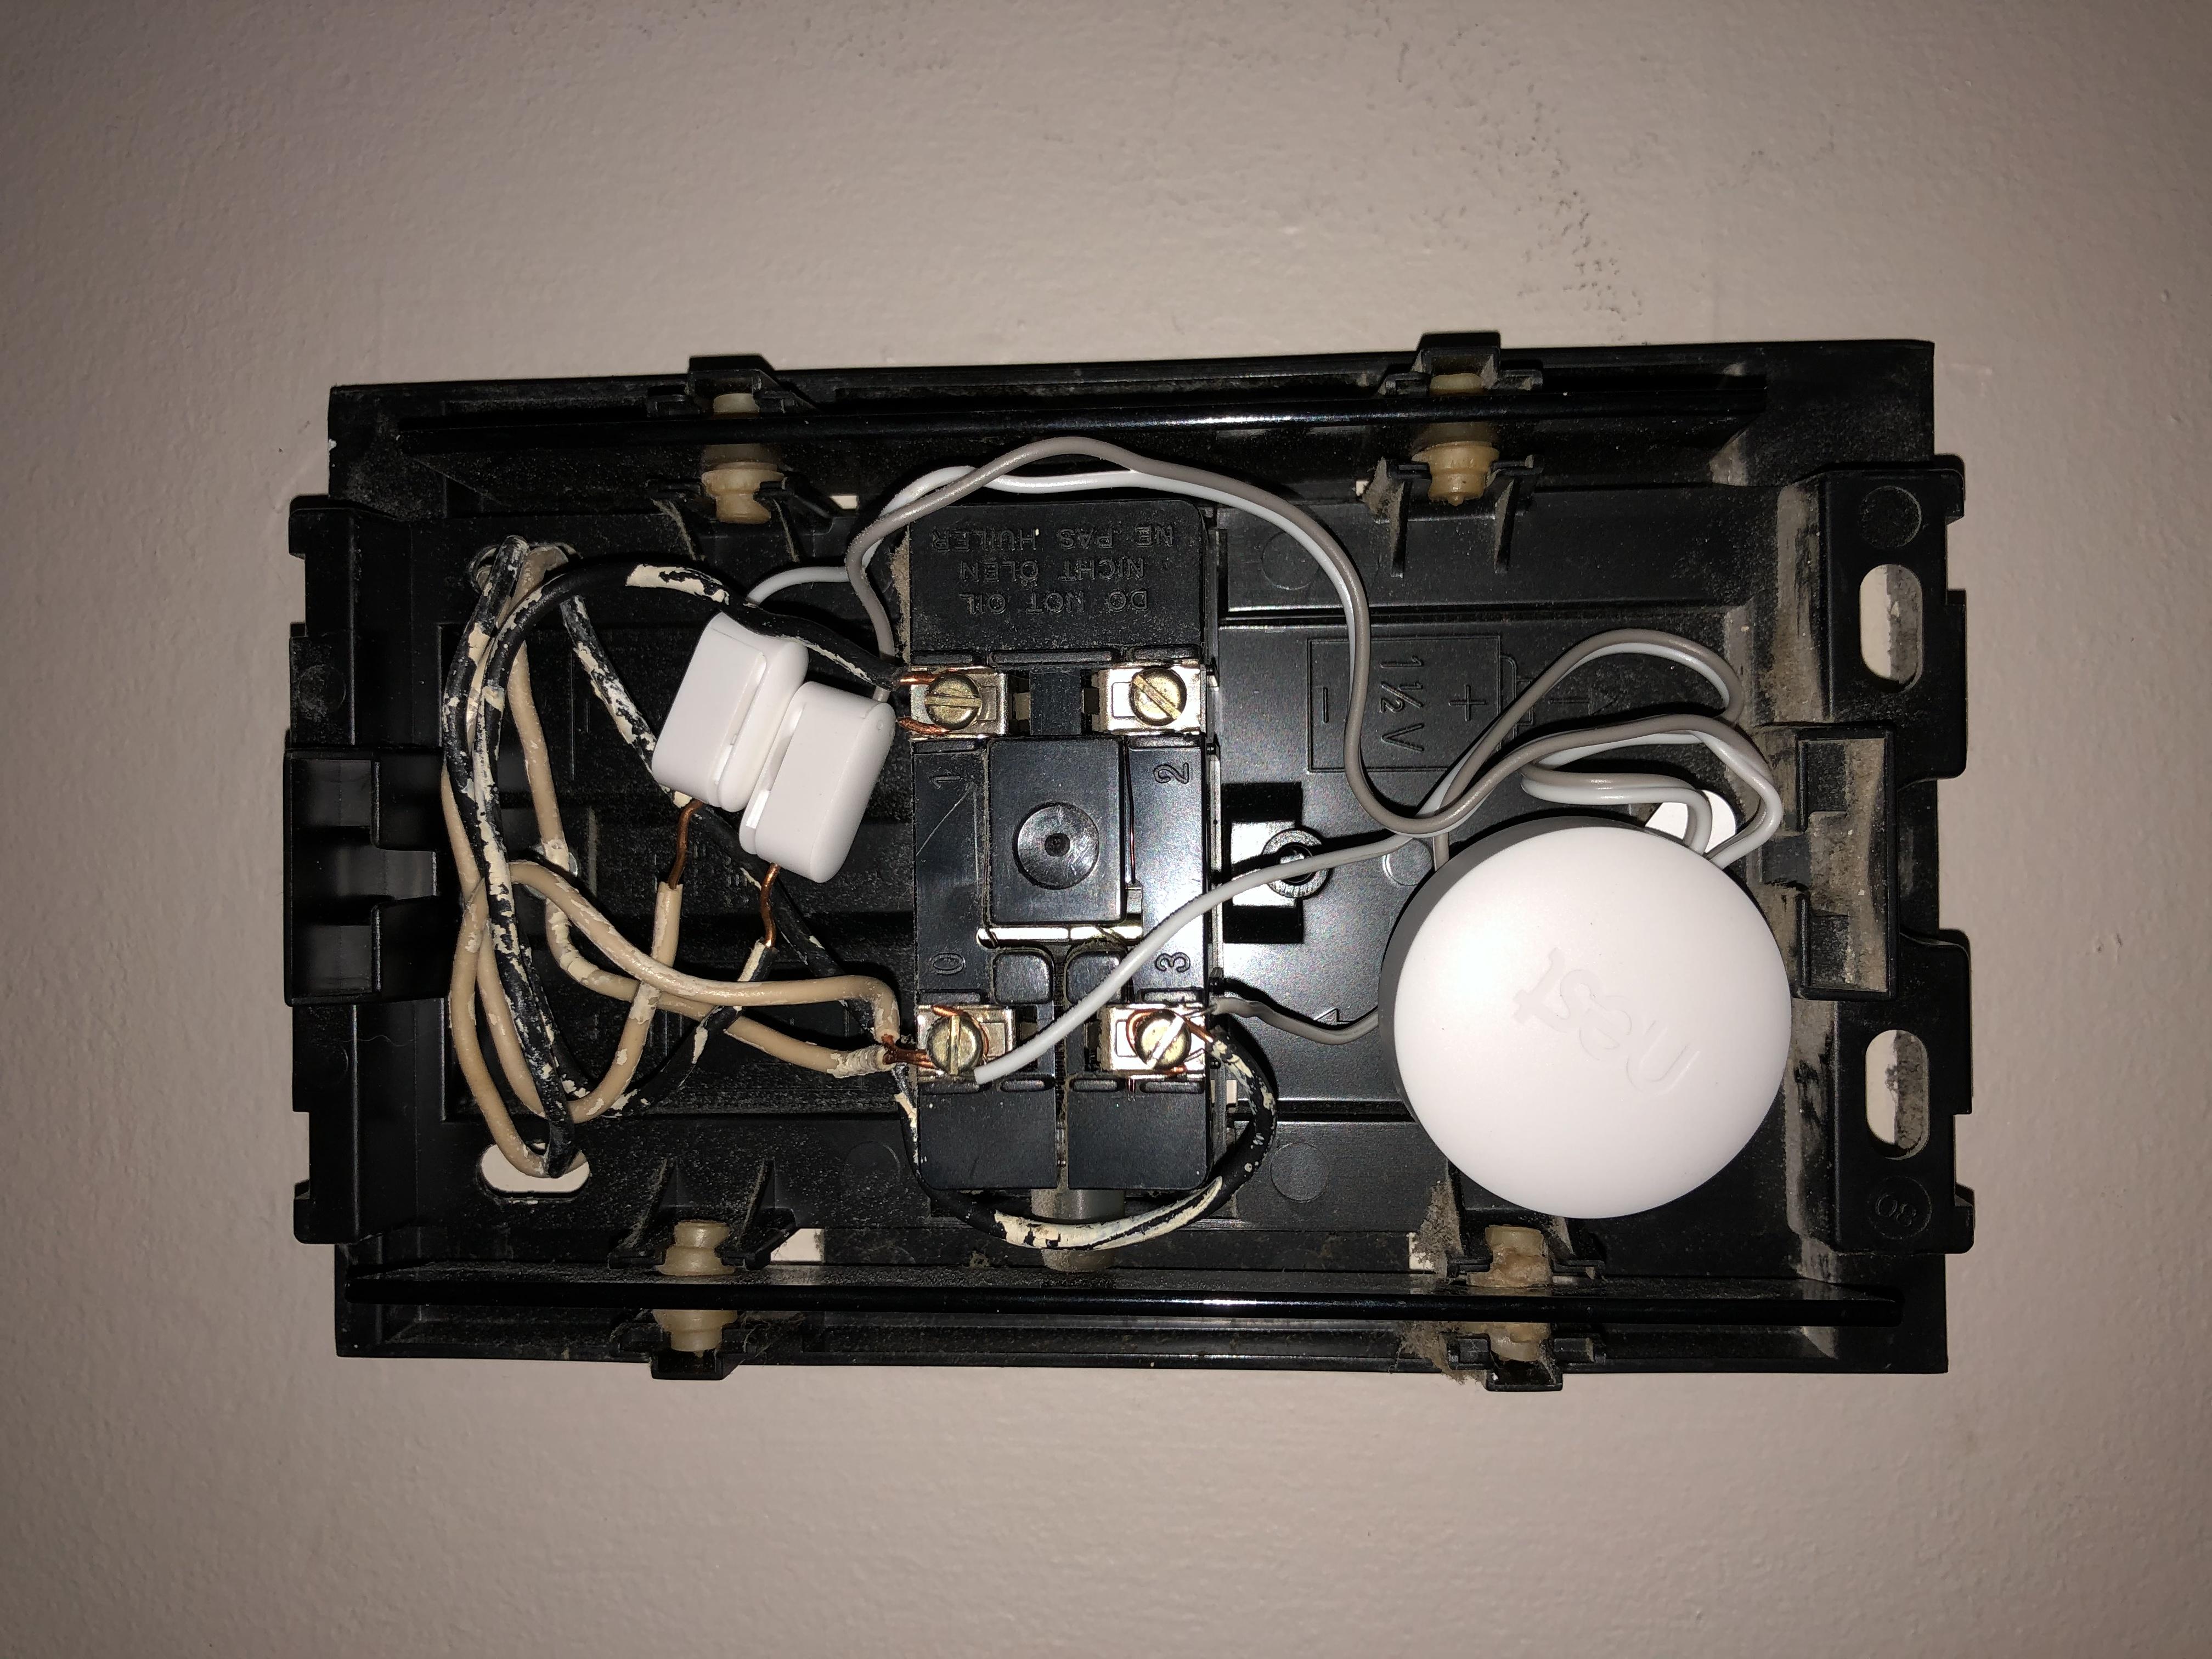 Nest Hello Buzzes When Doorbell Button Pressed Google Nest Community